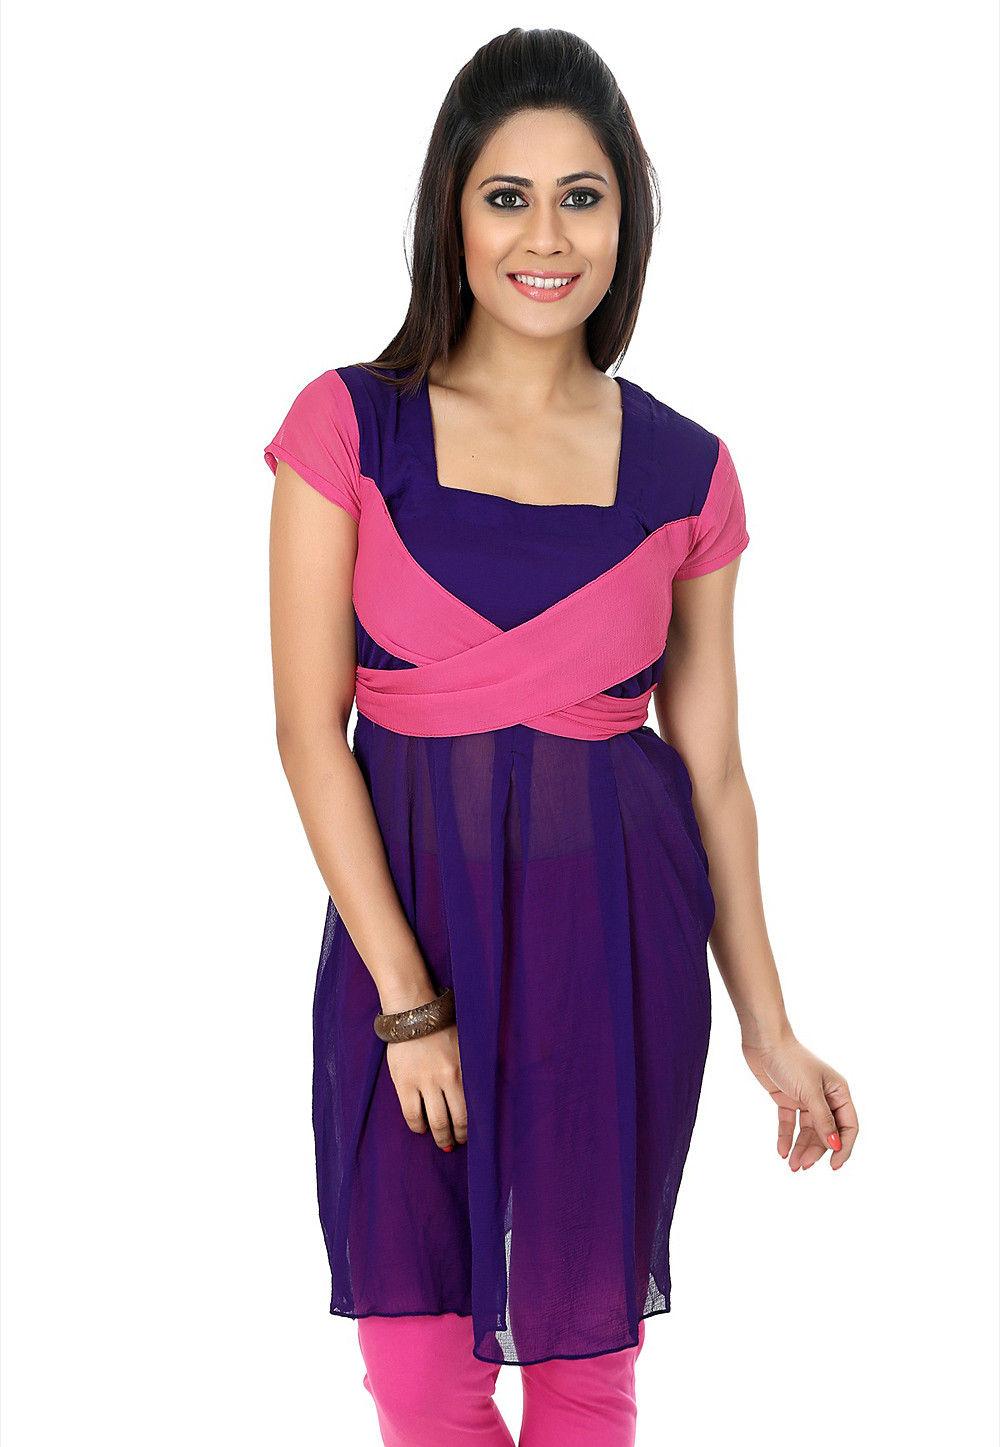 Plain Chiffon Tunic in Purple and Pink